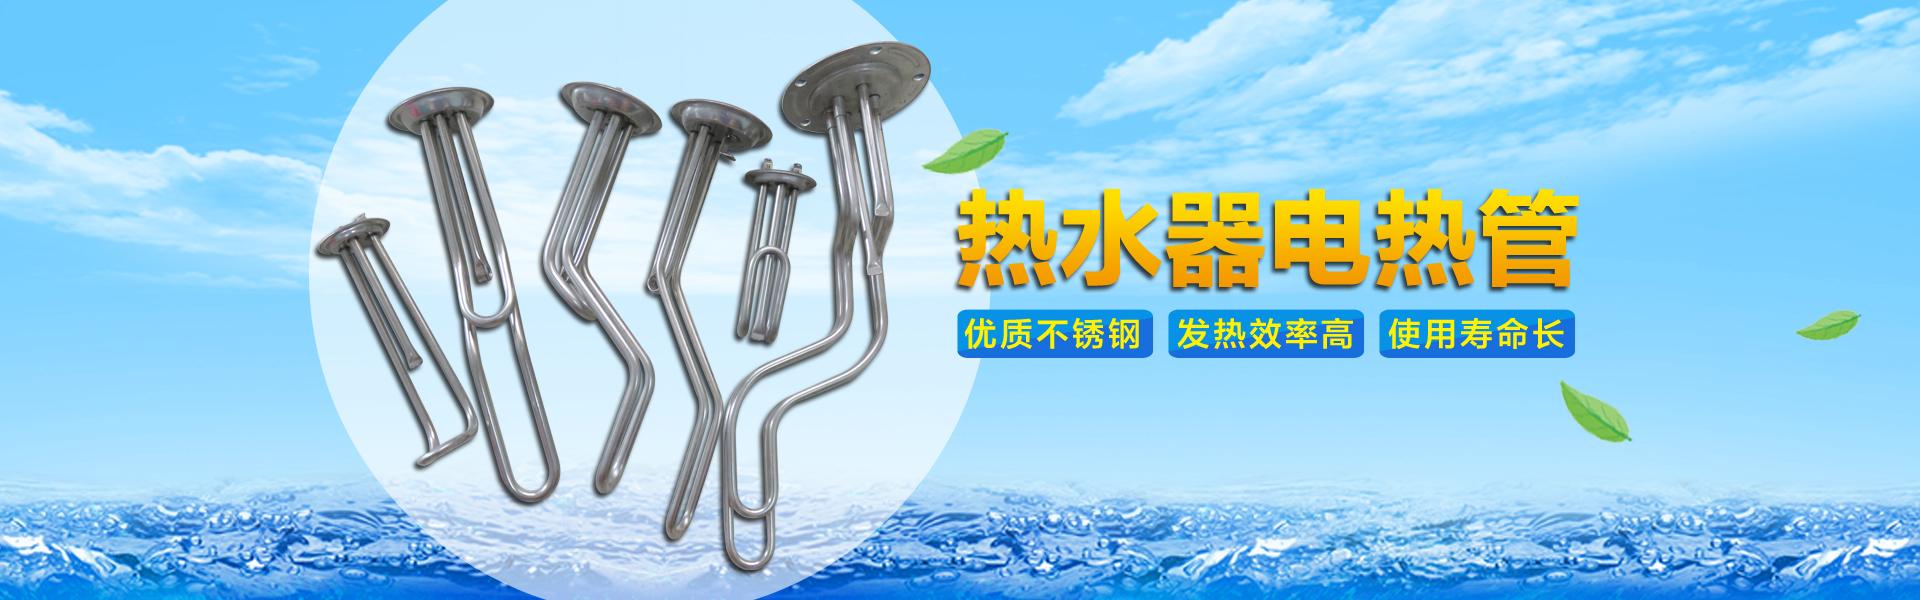 肇庆市高要金顺电器有限公司技术管理力量雄厚,拥有十多名基础扎实、经验丰富的专业技术人员和管理人员。